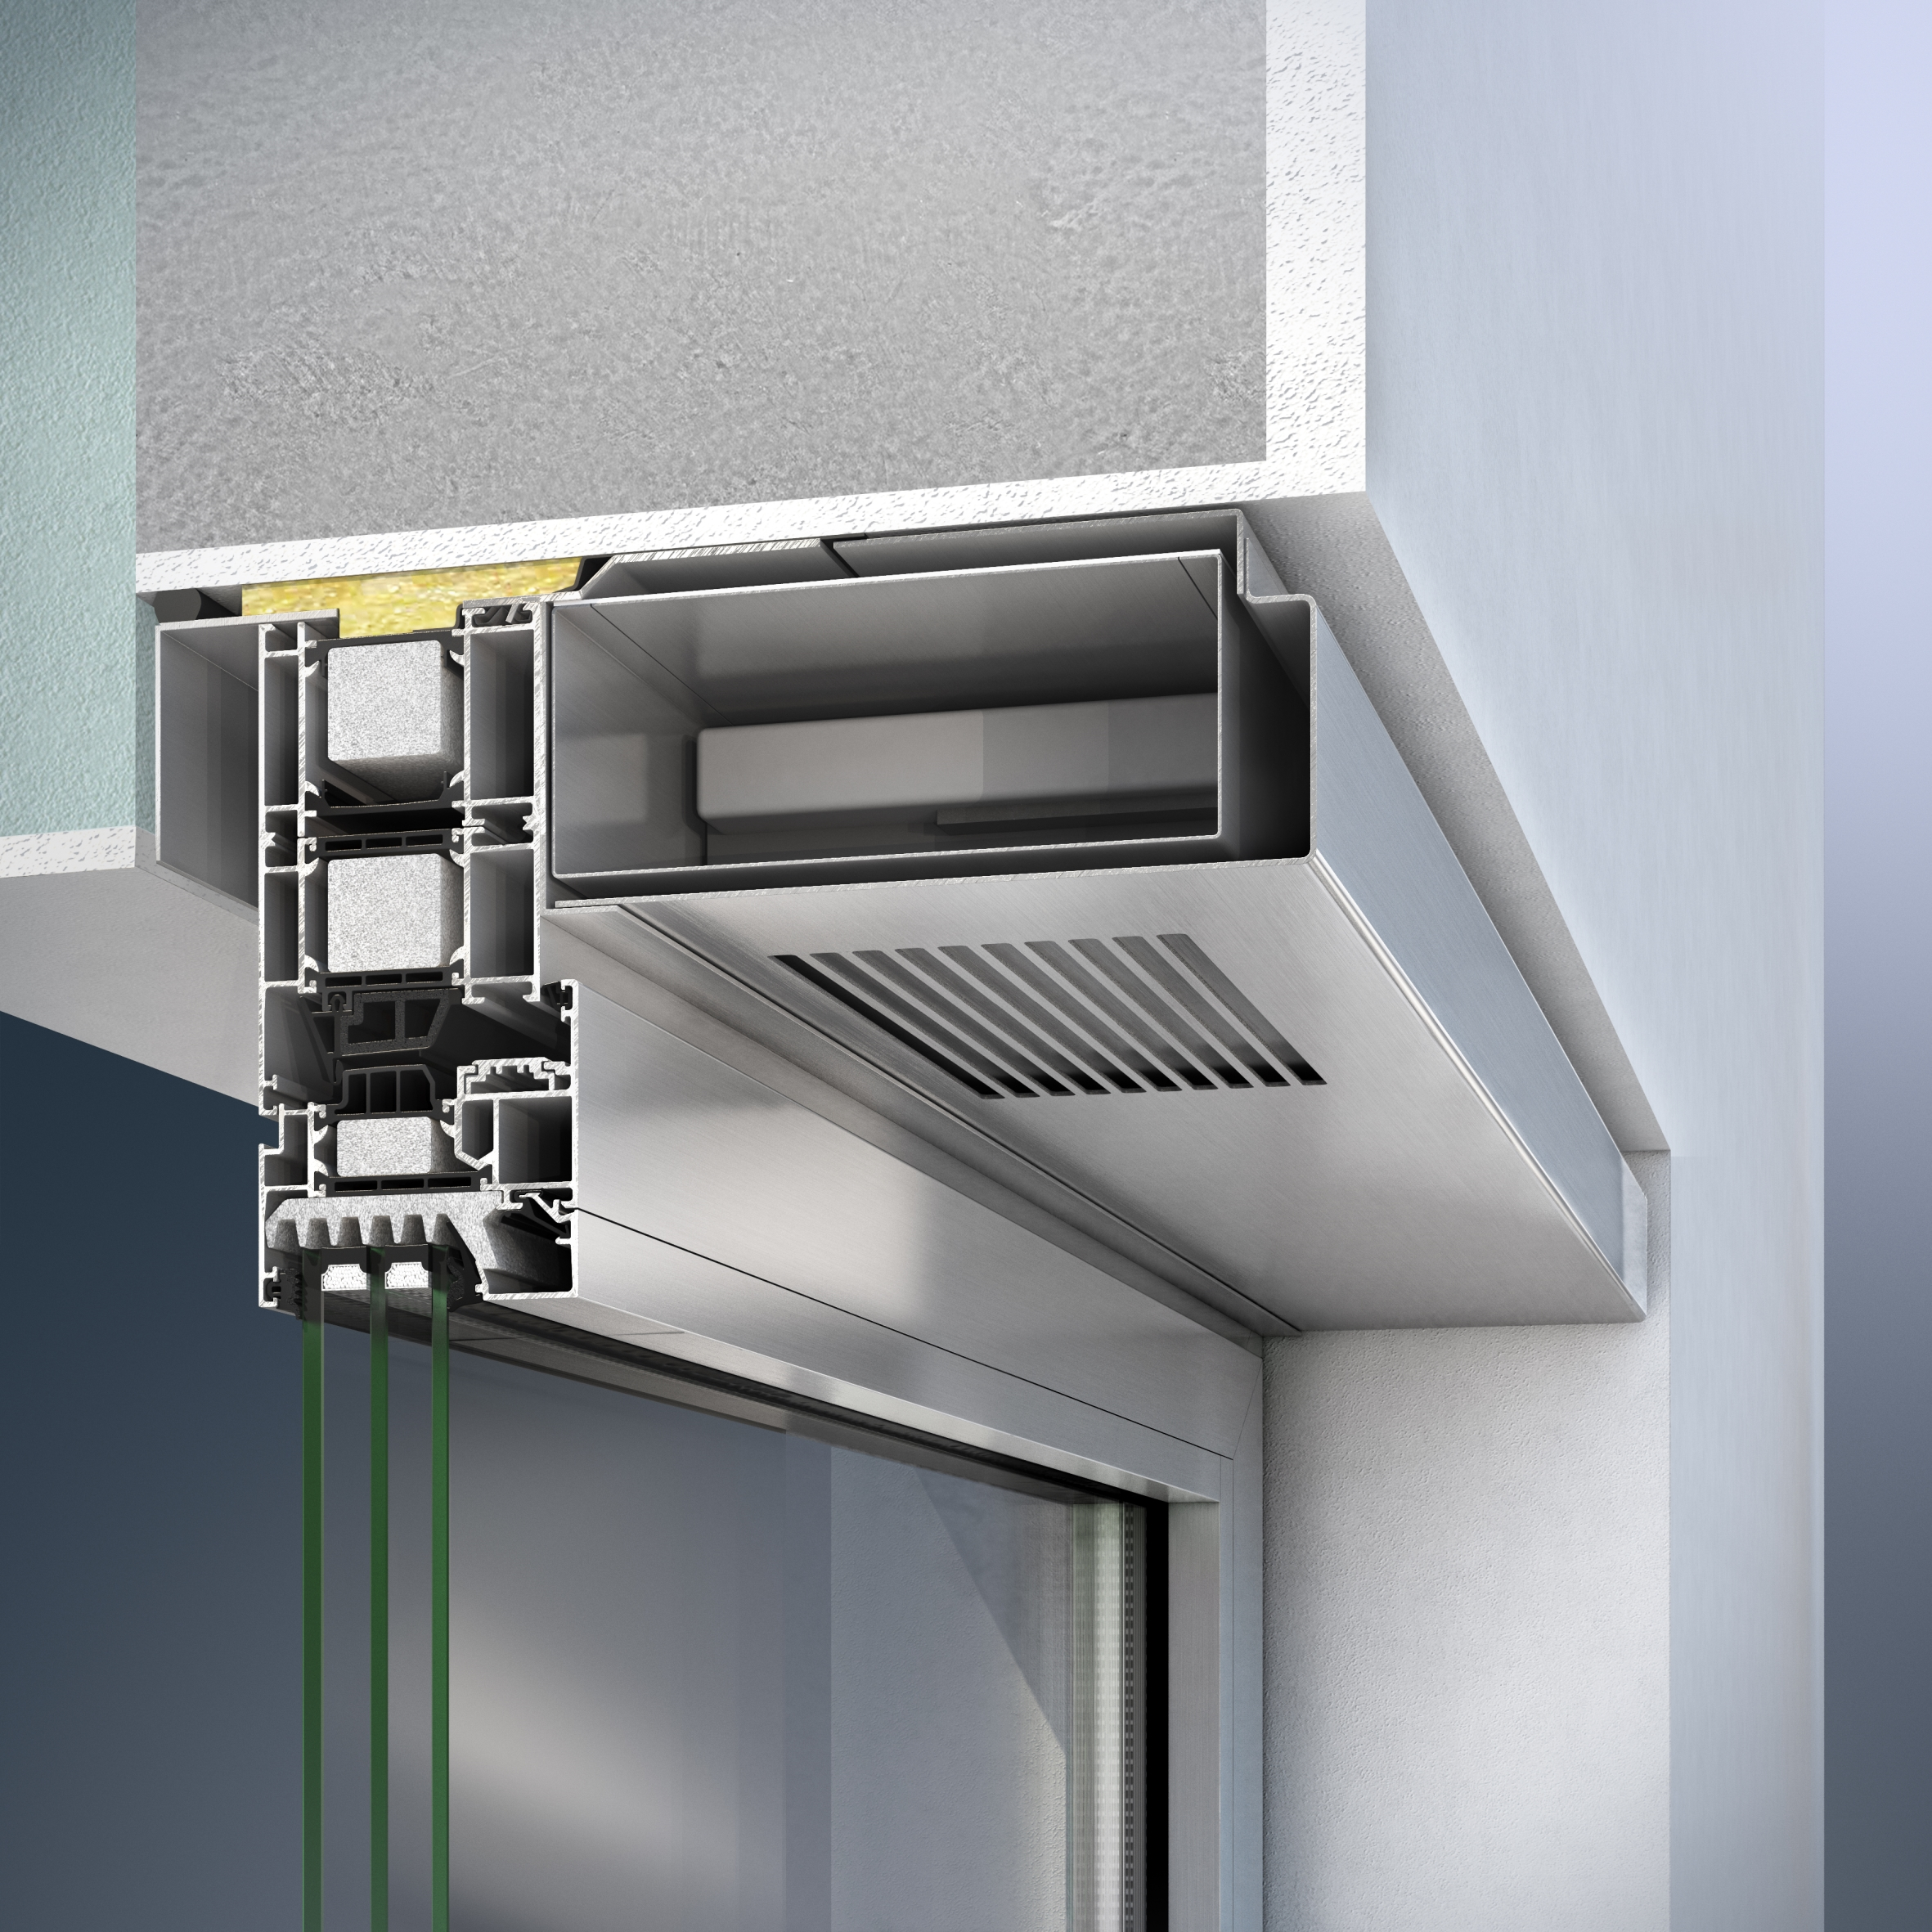 Ventilazione e automazione soluzioni intelligenti per vivere i propri ambienti serramenti design - Sistema di aerazione per casa ...